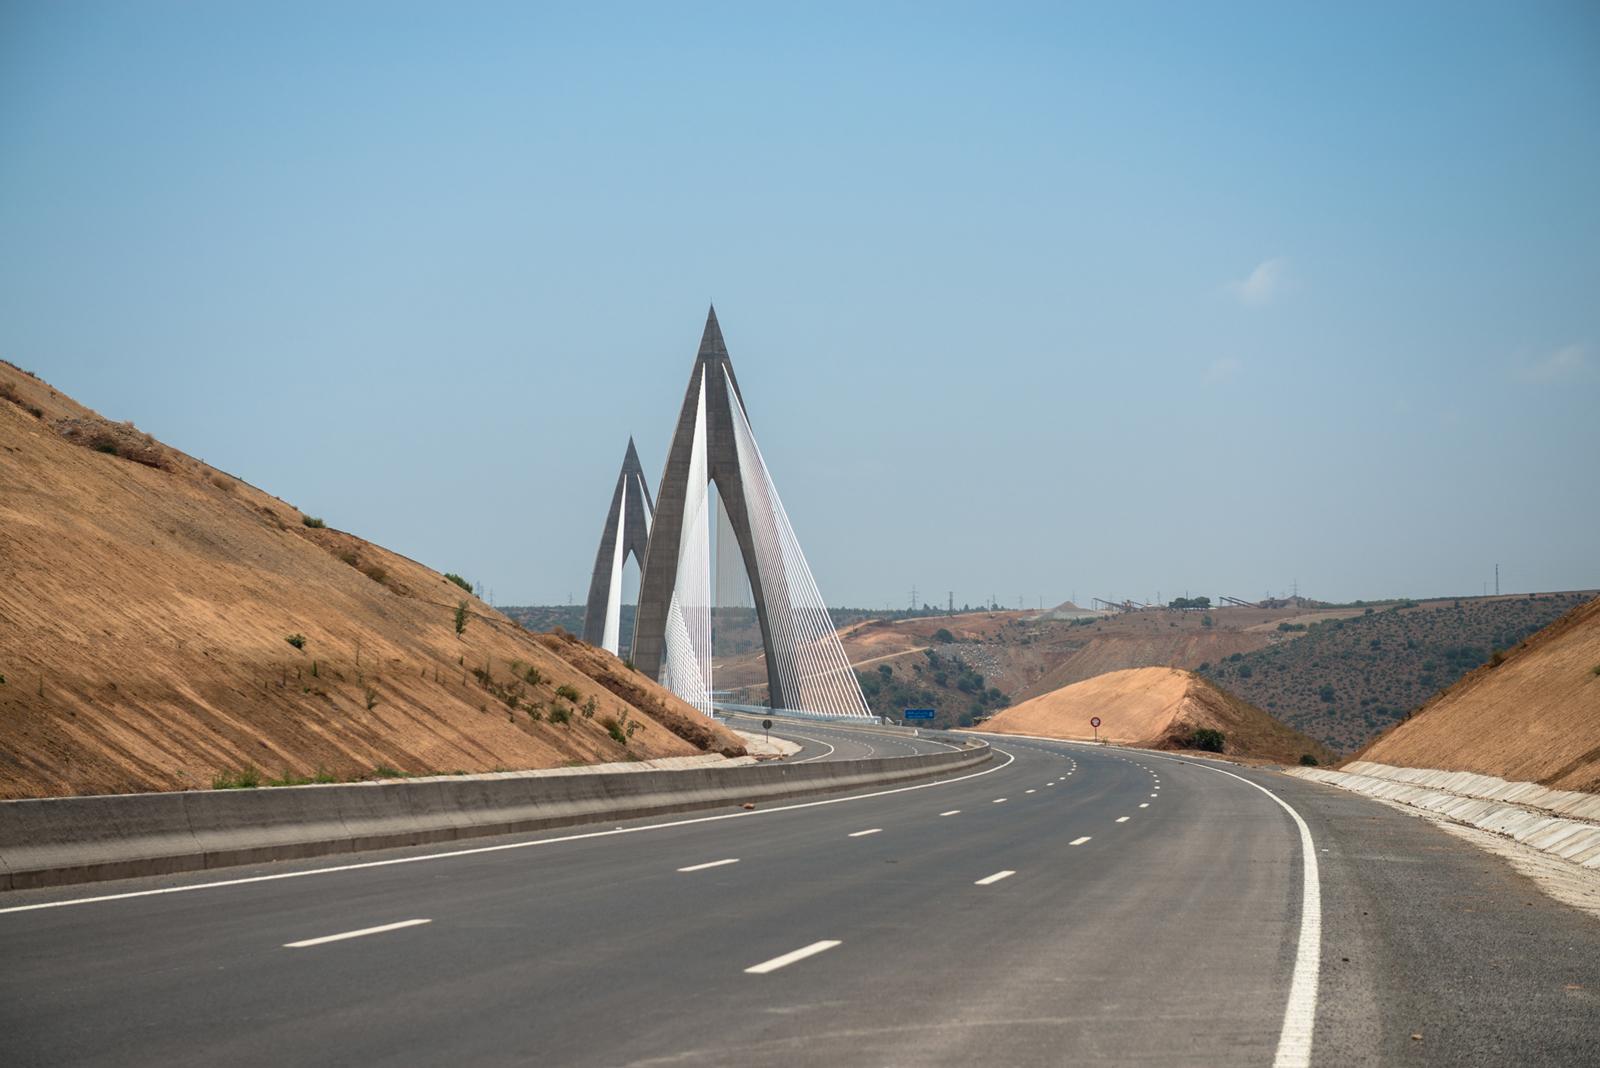 Le maroc se dote de son premier pont haubané lun des plus longs d